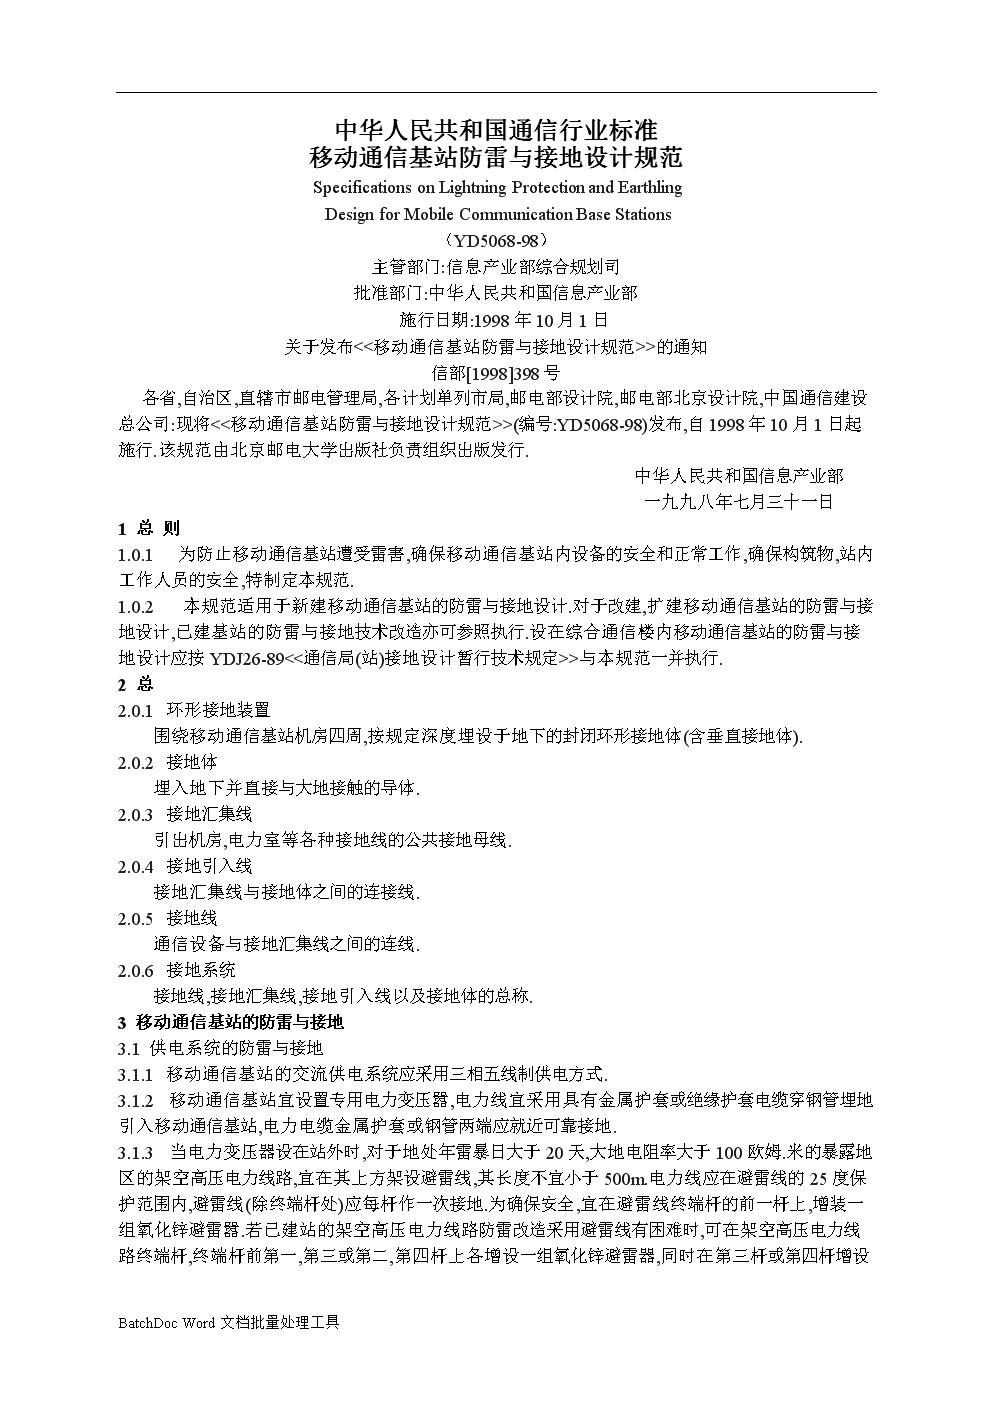 移动通信基站防雷与接地设计规范定稿.doc